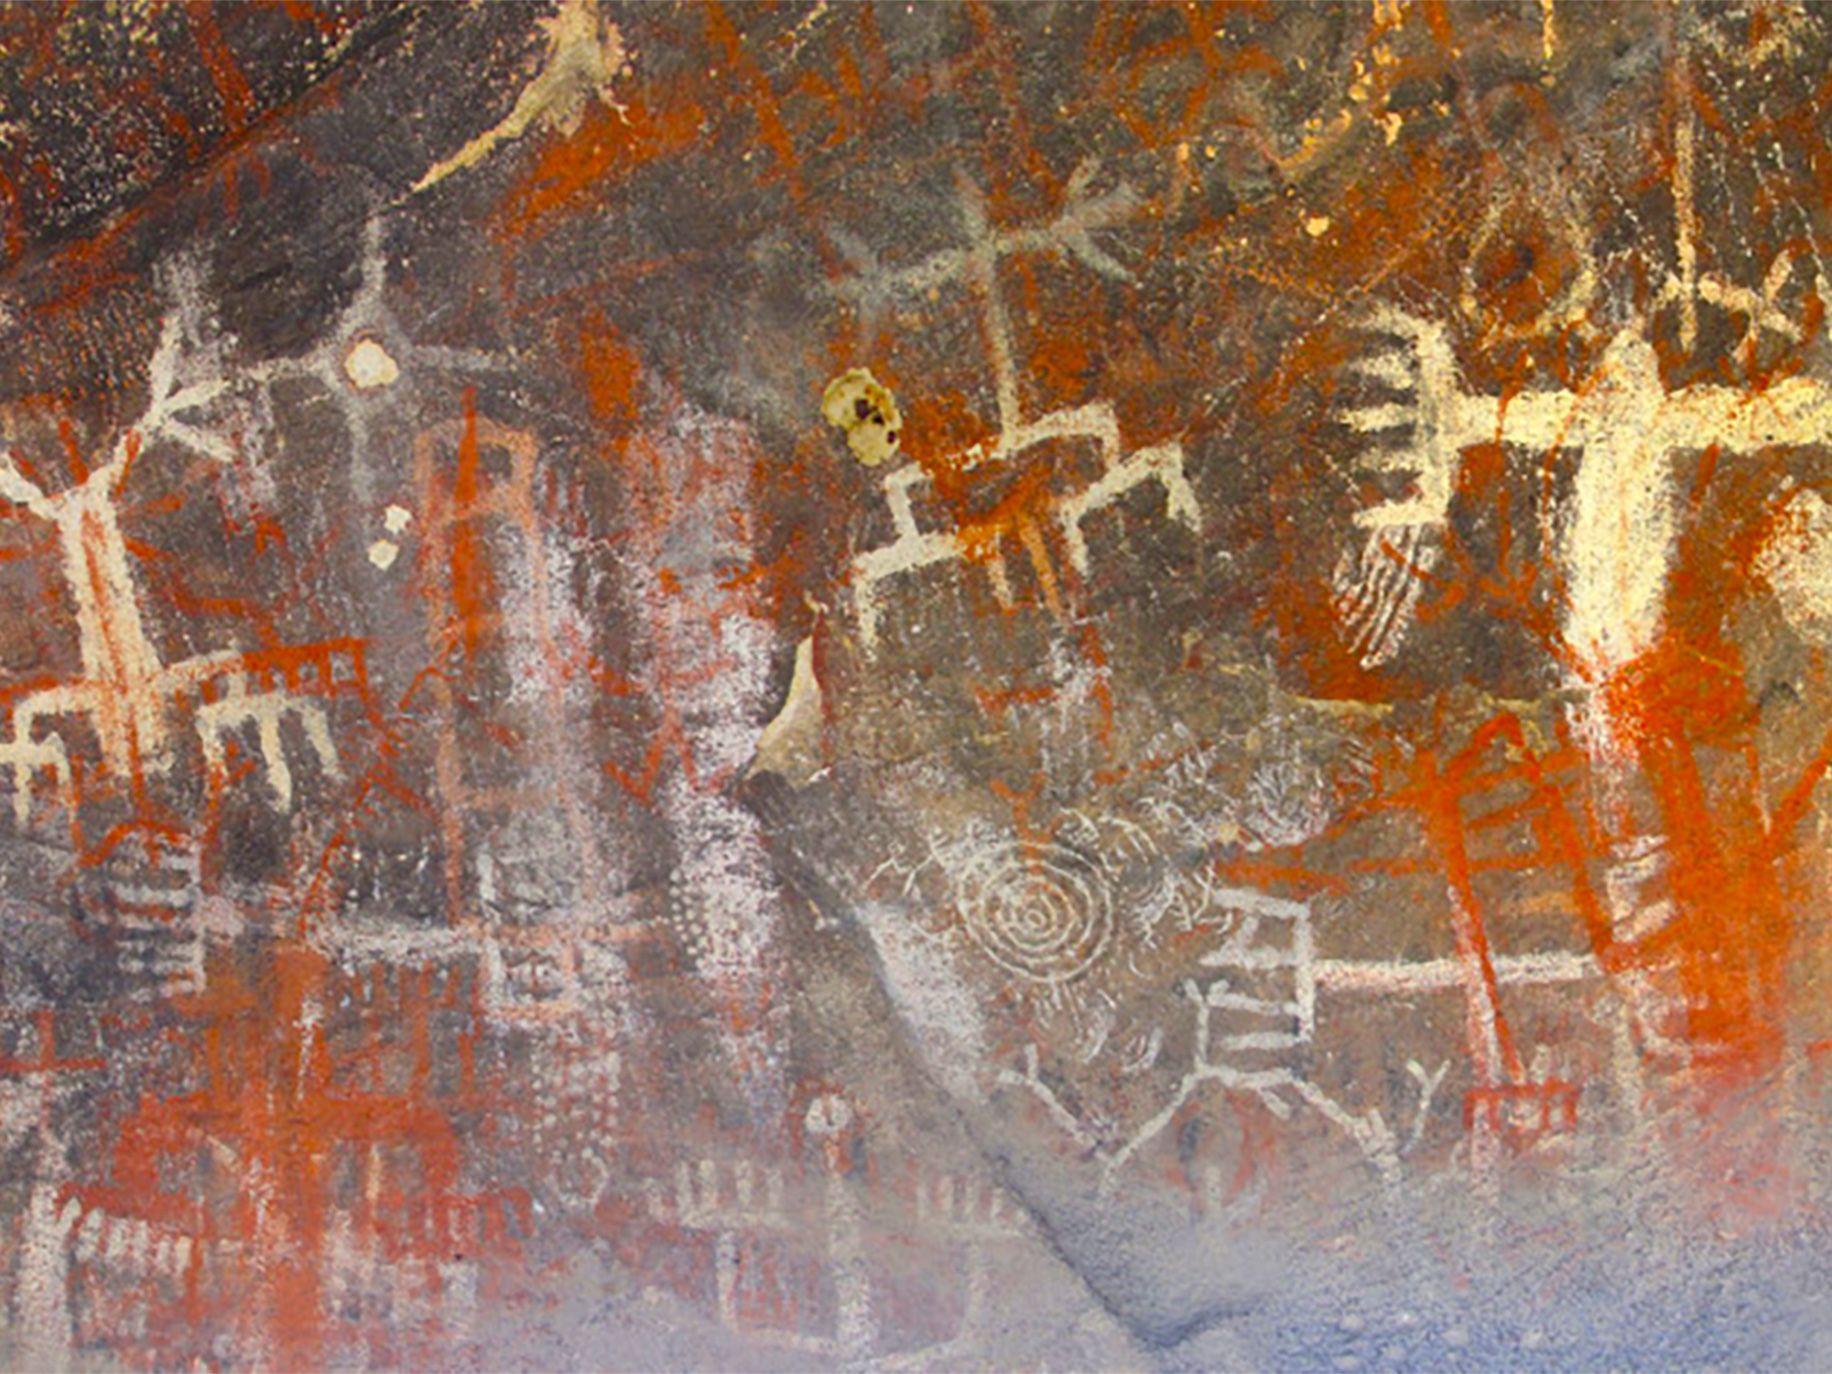 Chumash Native American pictographs at Burro Flats.